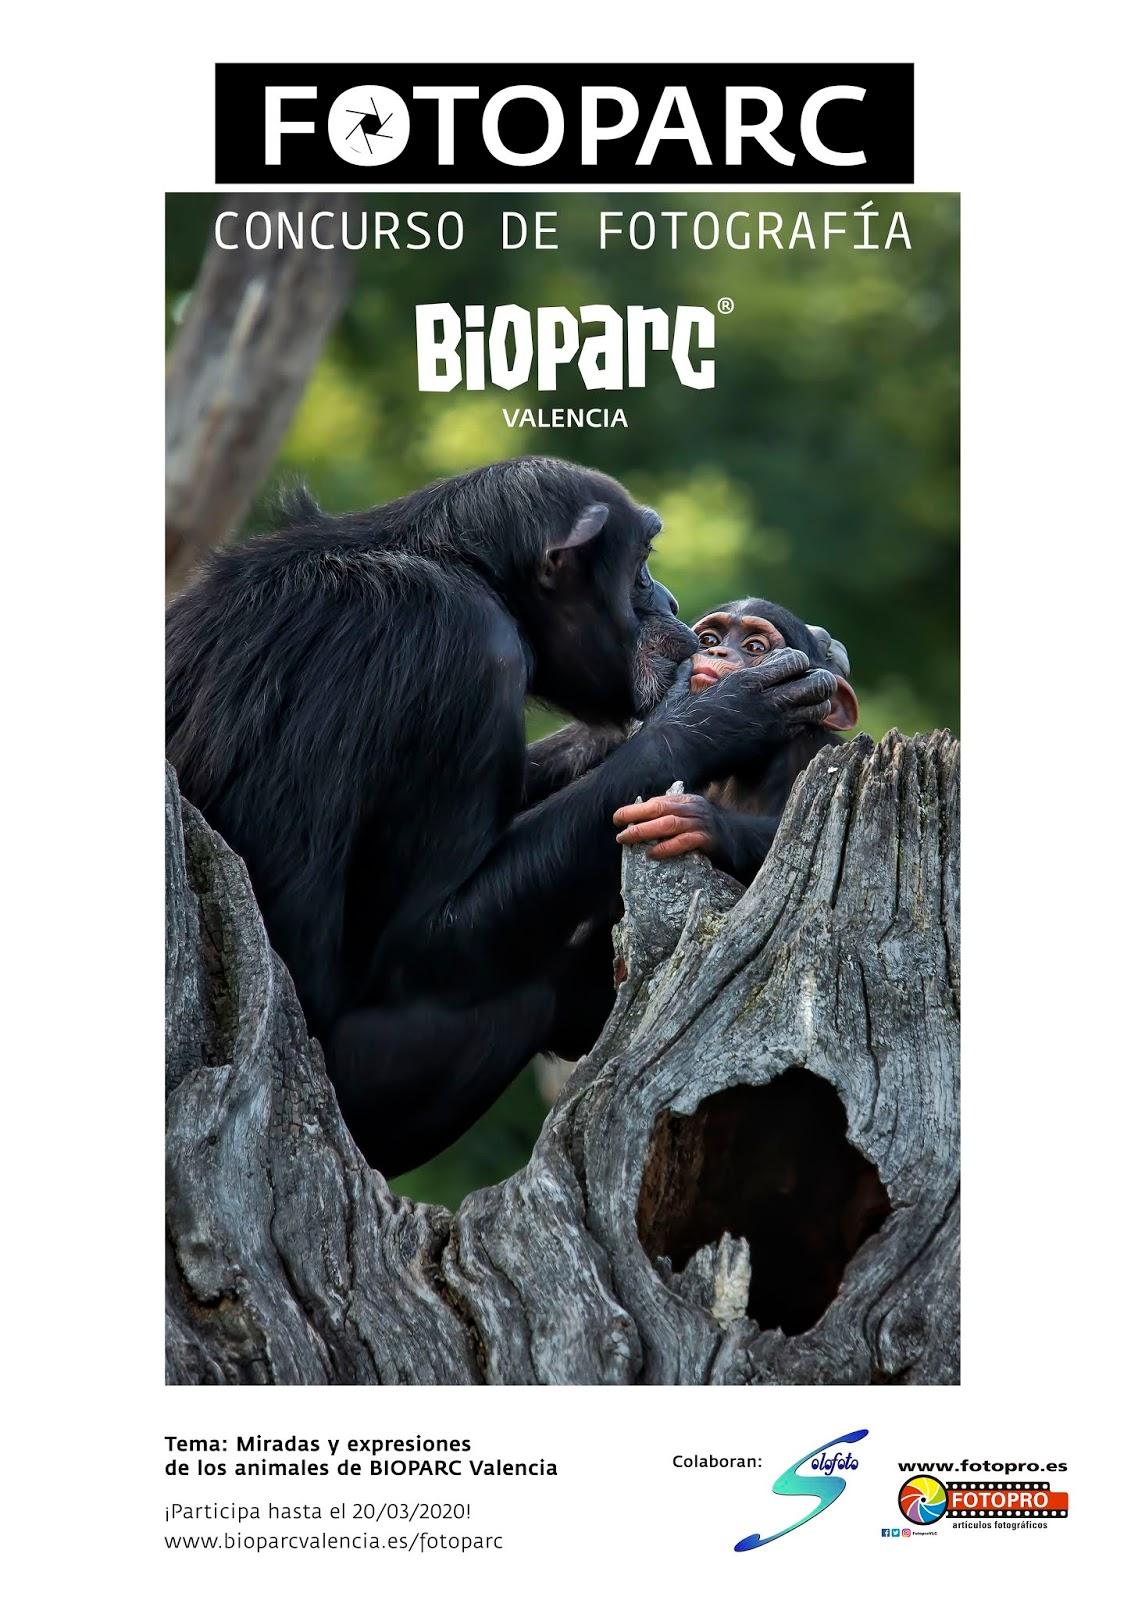 Cartel FOTOPARC 2020 - Concurso de fotografía de BIOPARC Valencia